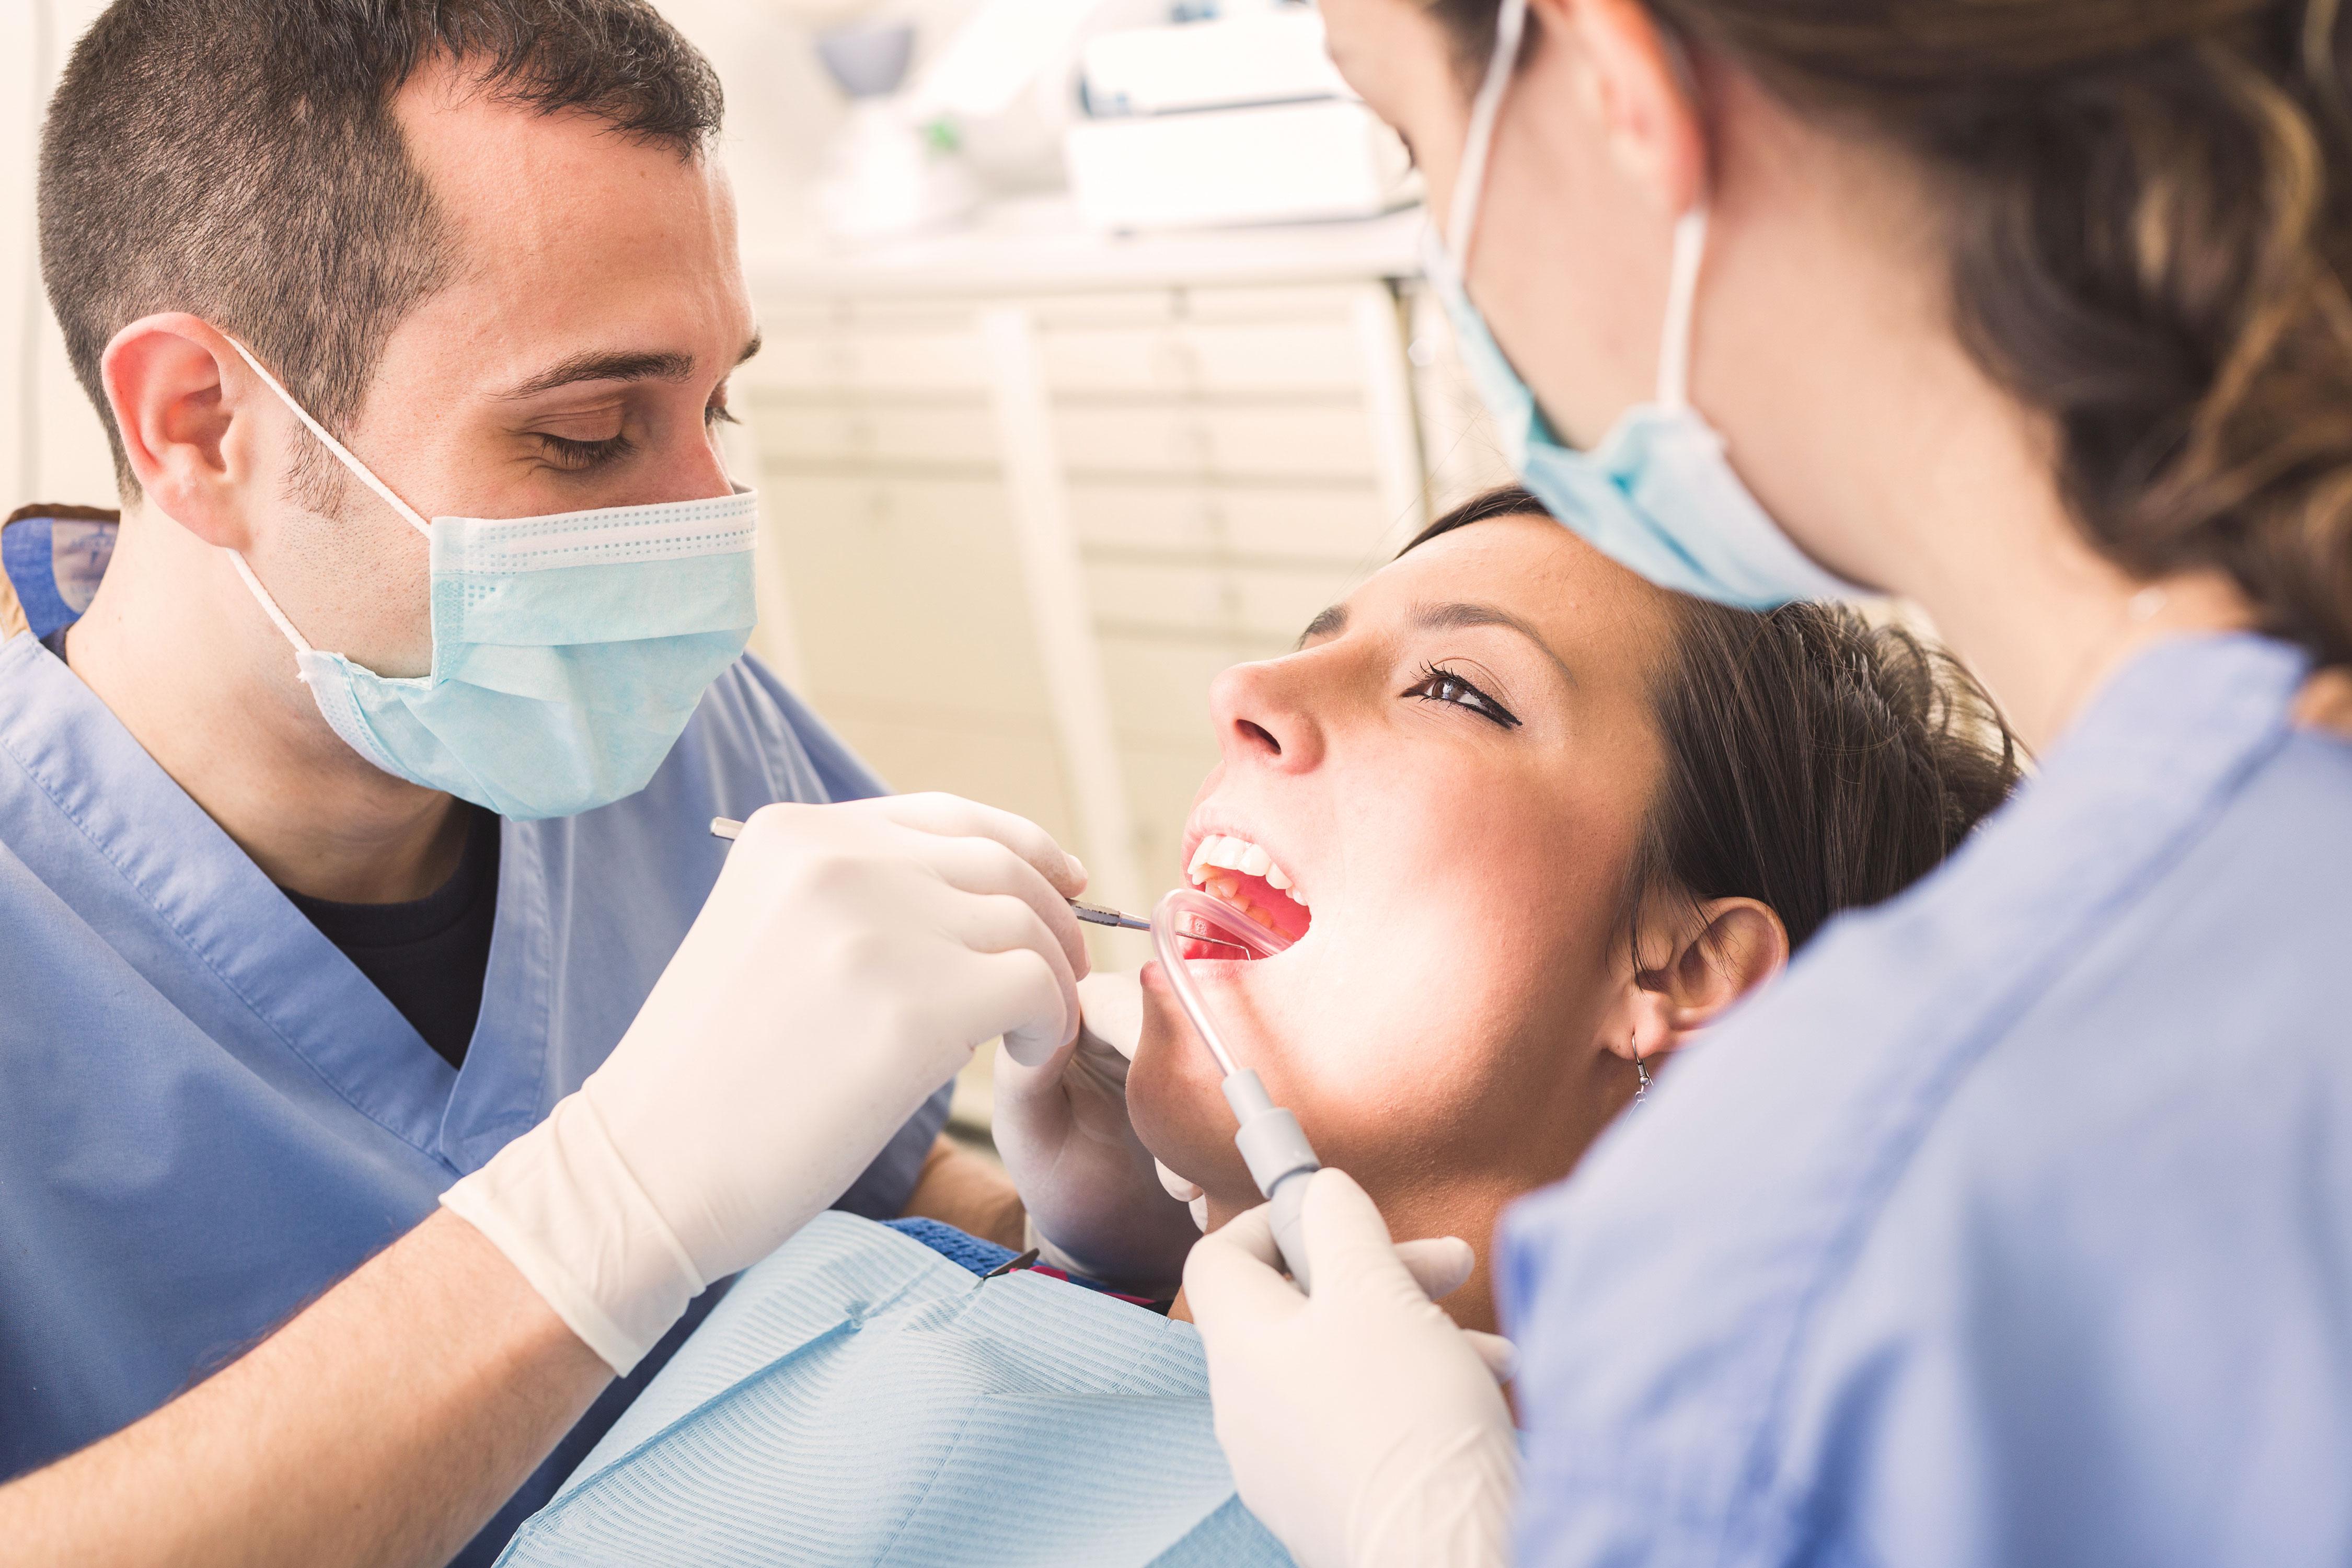 Zahnarzt und Zahnarzthelferin untersuchen die Zähne einer Patientin